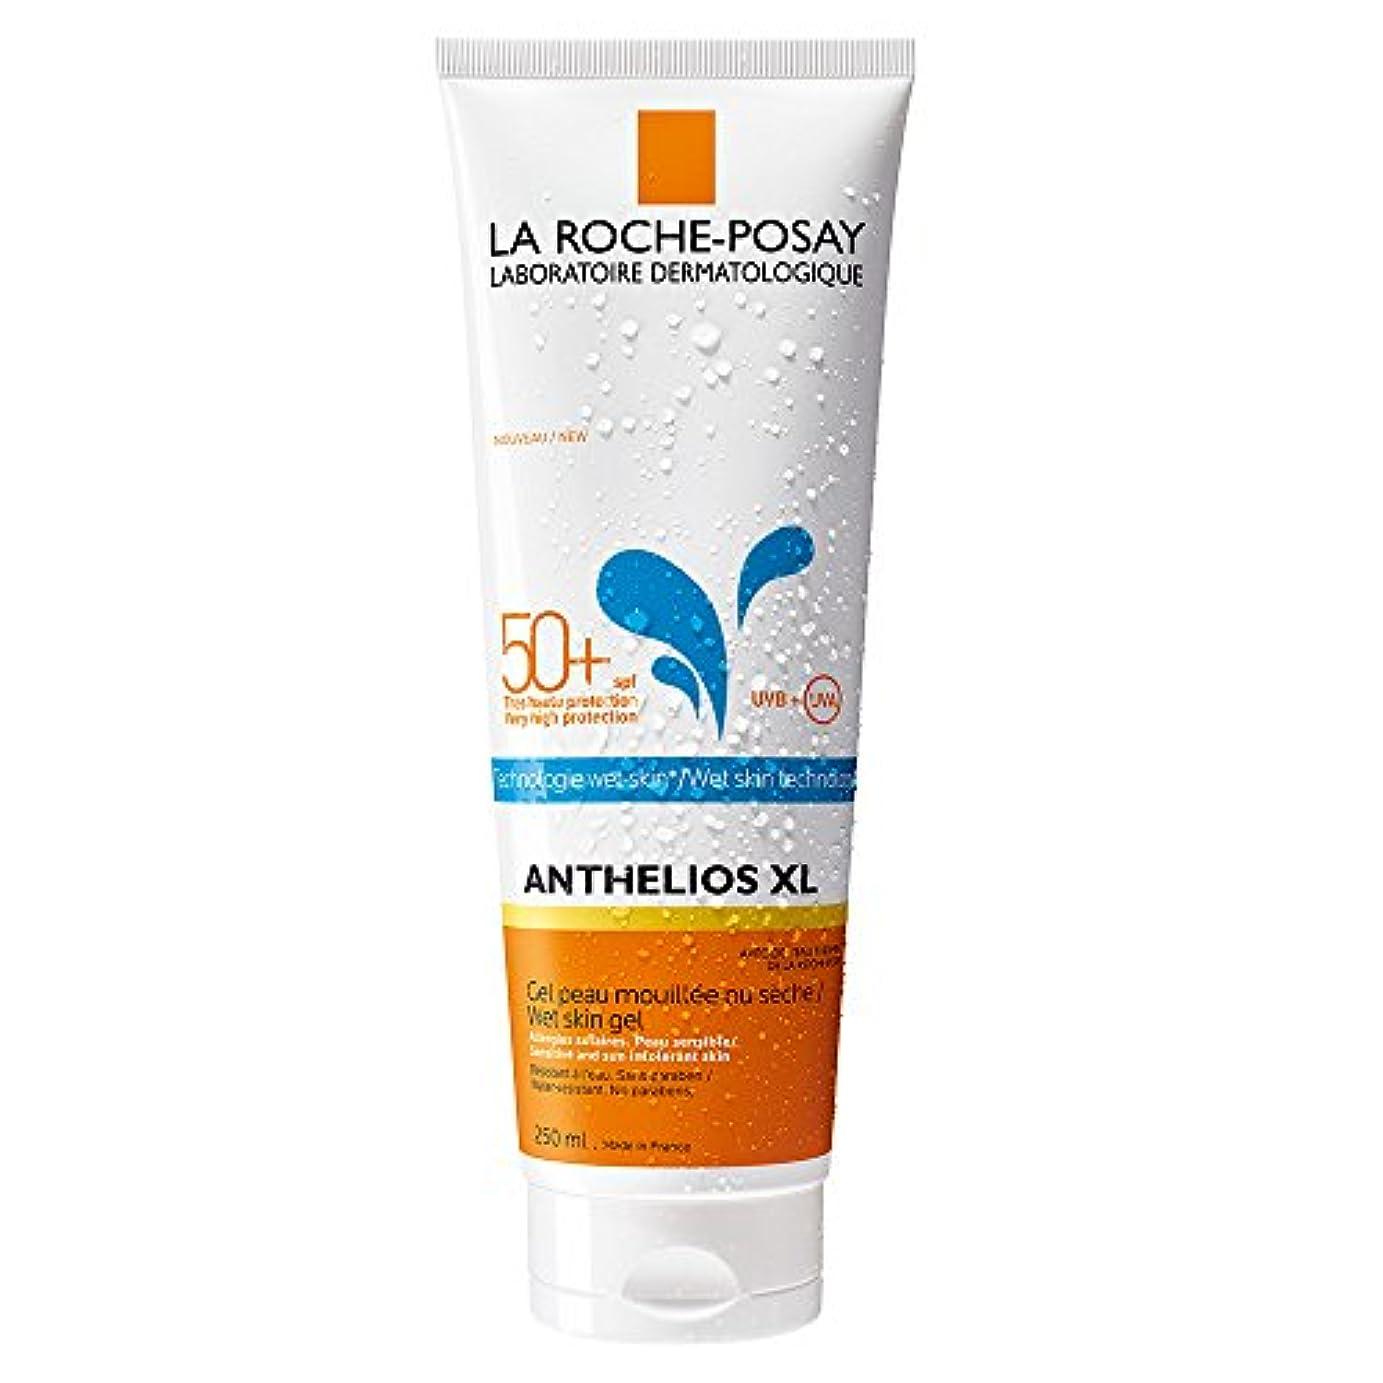 工場タイトル発表La Roche-Posay(ラロッシュポゼ) 【濡れた肌にも使える日やけ止めジェルクリーム】アンテリオス XL ウェットスキン SPF50+/PA++++ 250mL <フェイス?ボディ用>